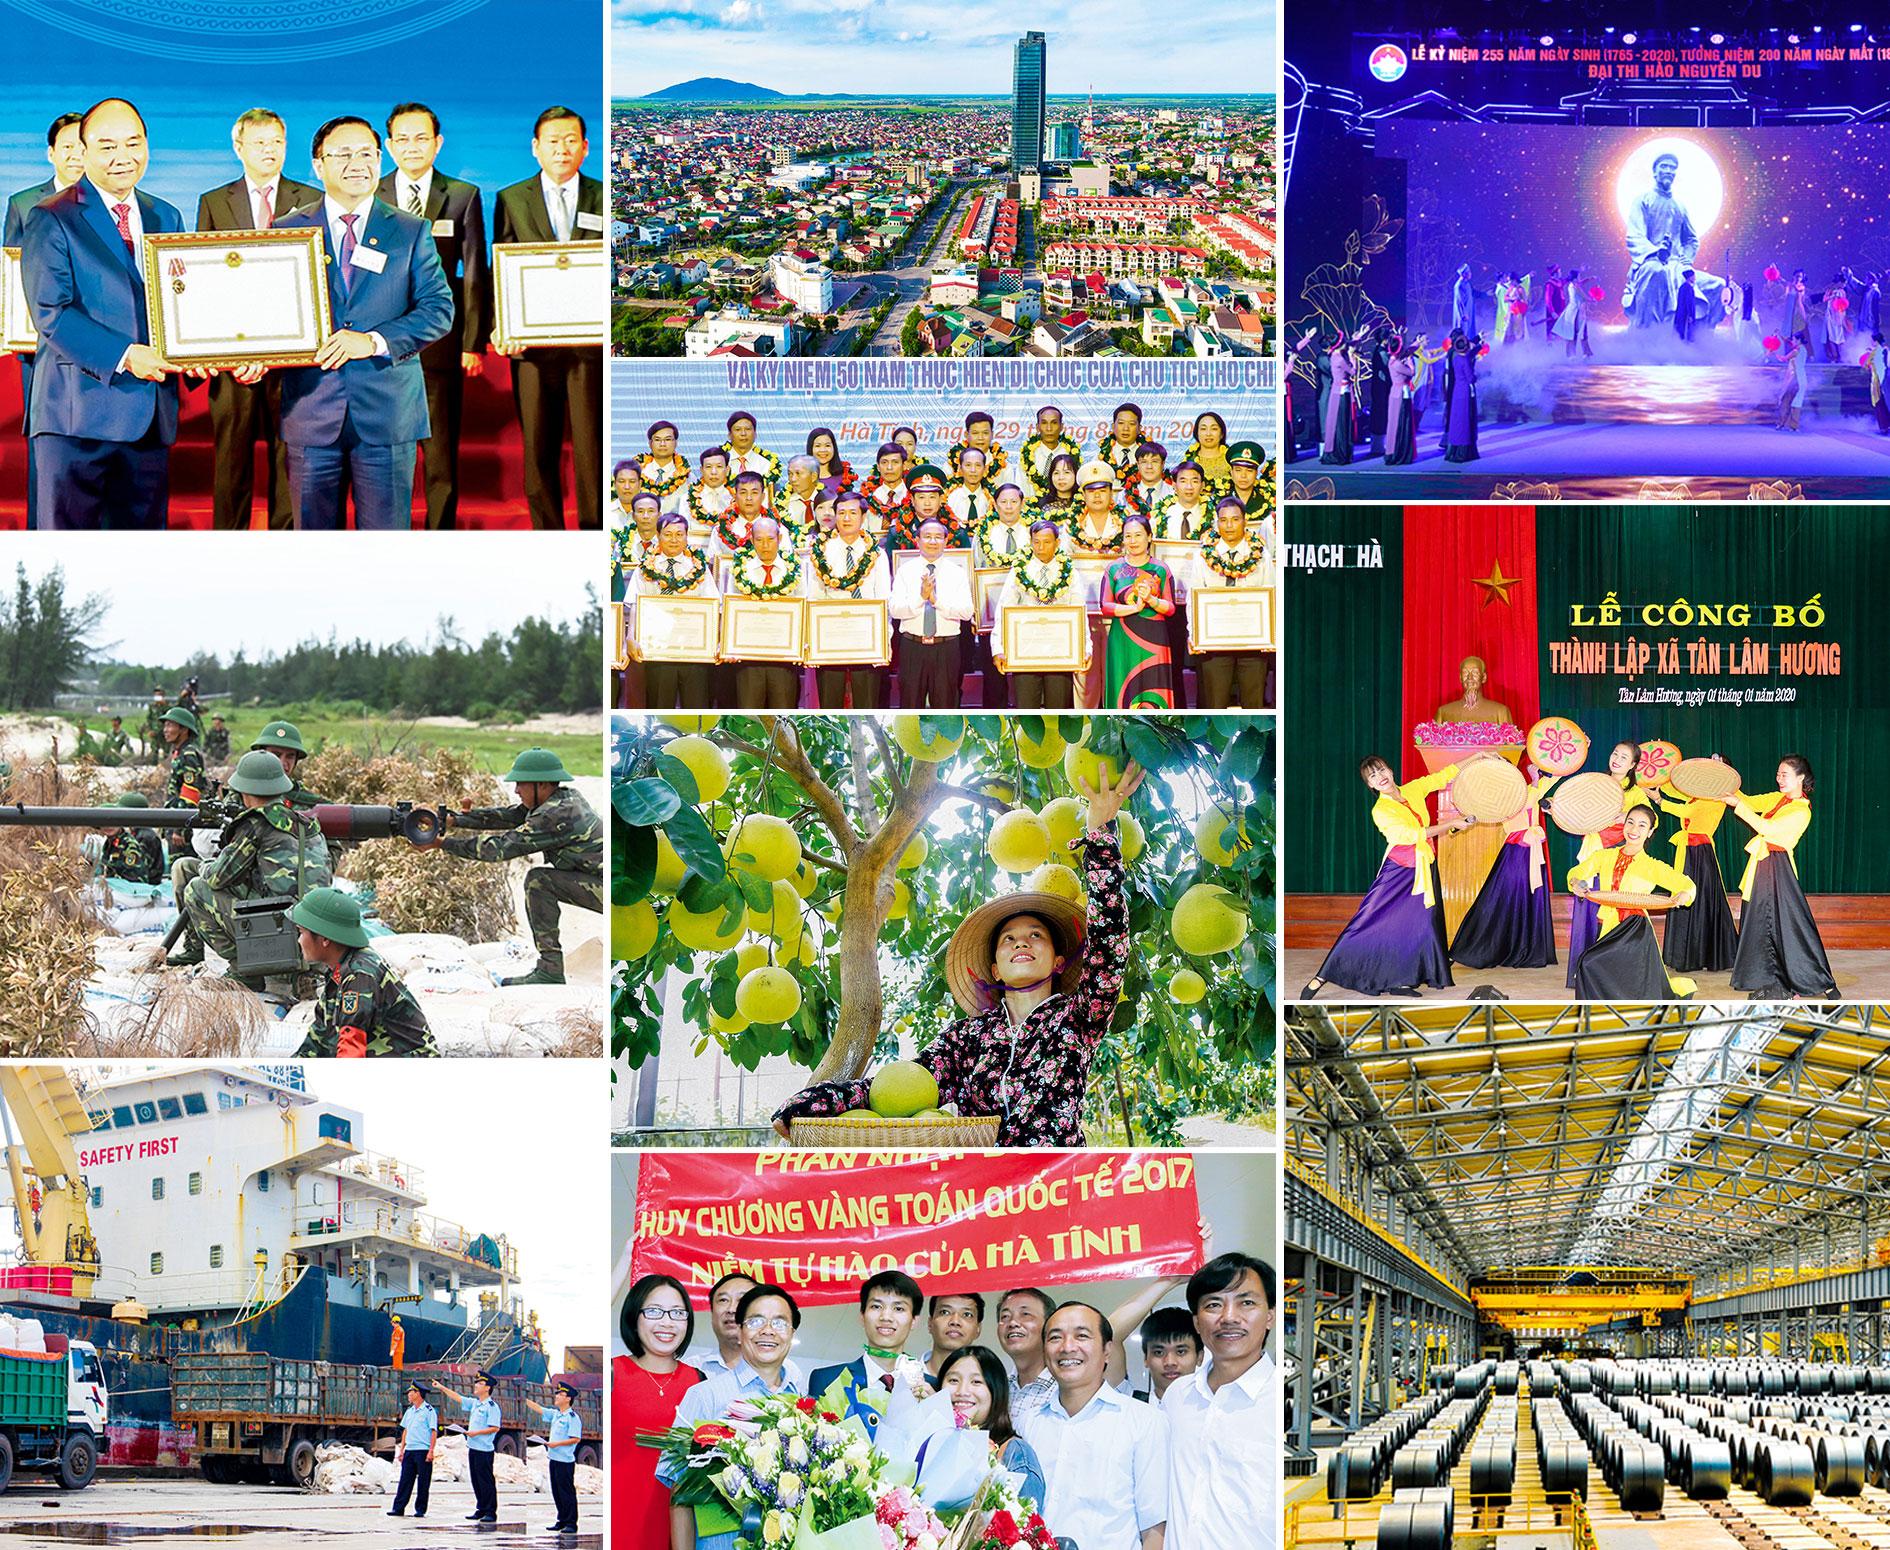 10 dấu ấn nhiệm kỳ 2015 - 2020 của Đảng bộ và Nhân dân Hà Tĩnh